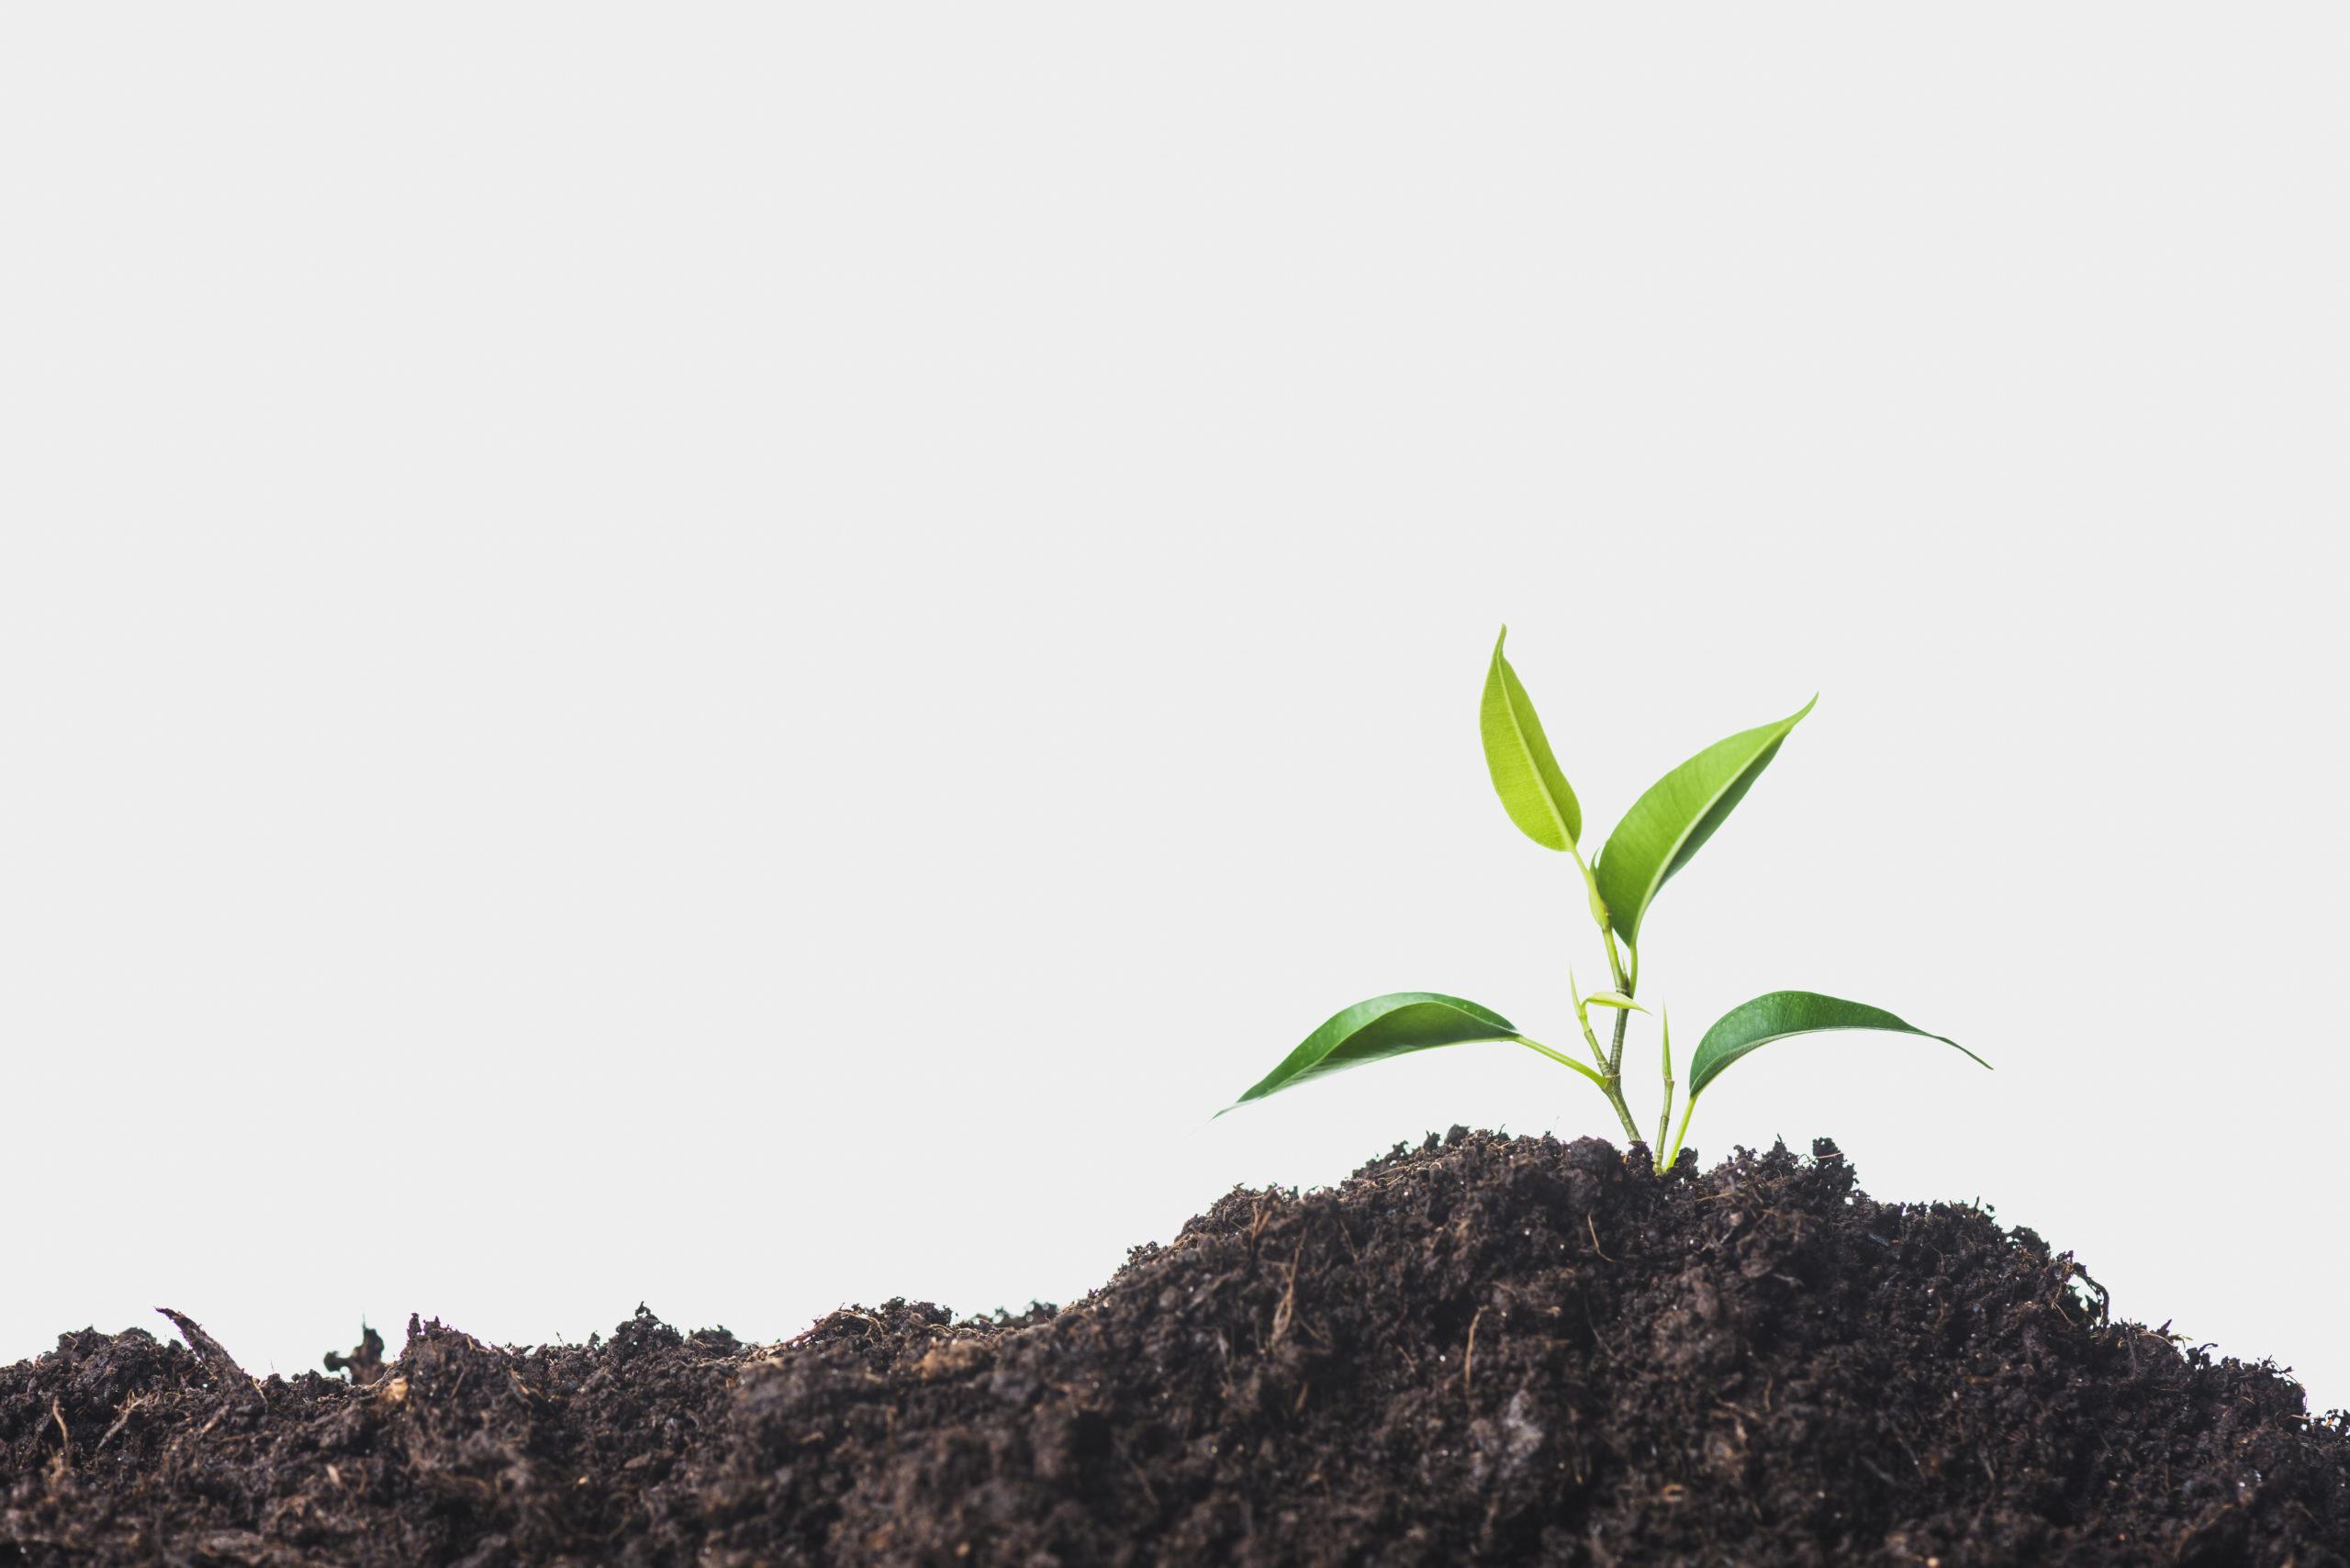 Movimento Slow Food e o prazer na alimentação